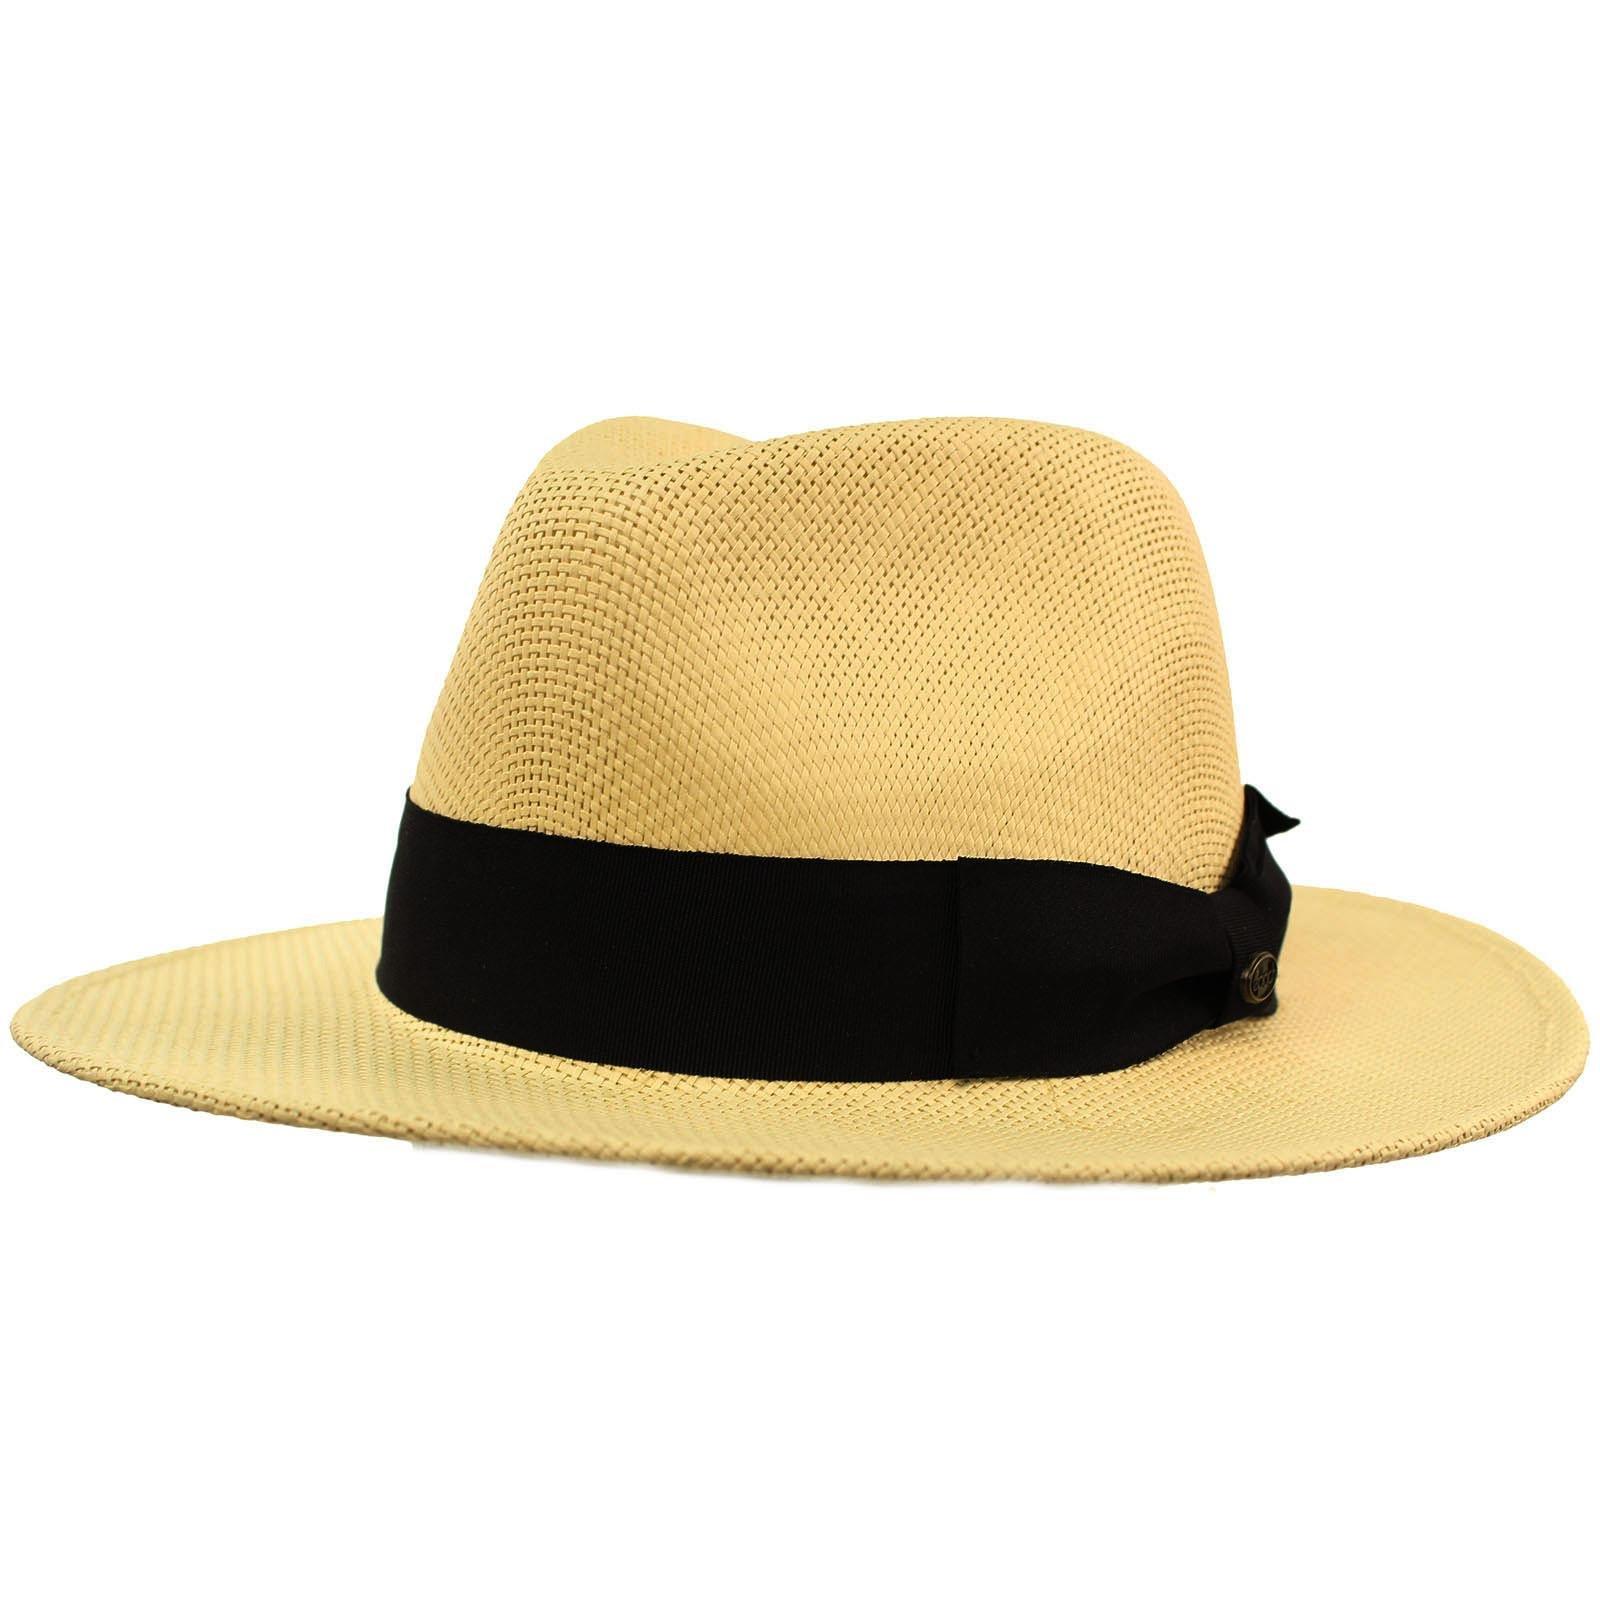 Men's Summer Lightweight Panama Derby Fedora Wide 2-3/4'' Brim Hat L/XL Natural